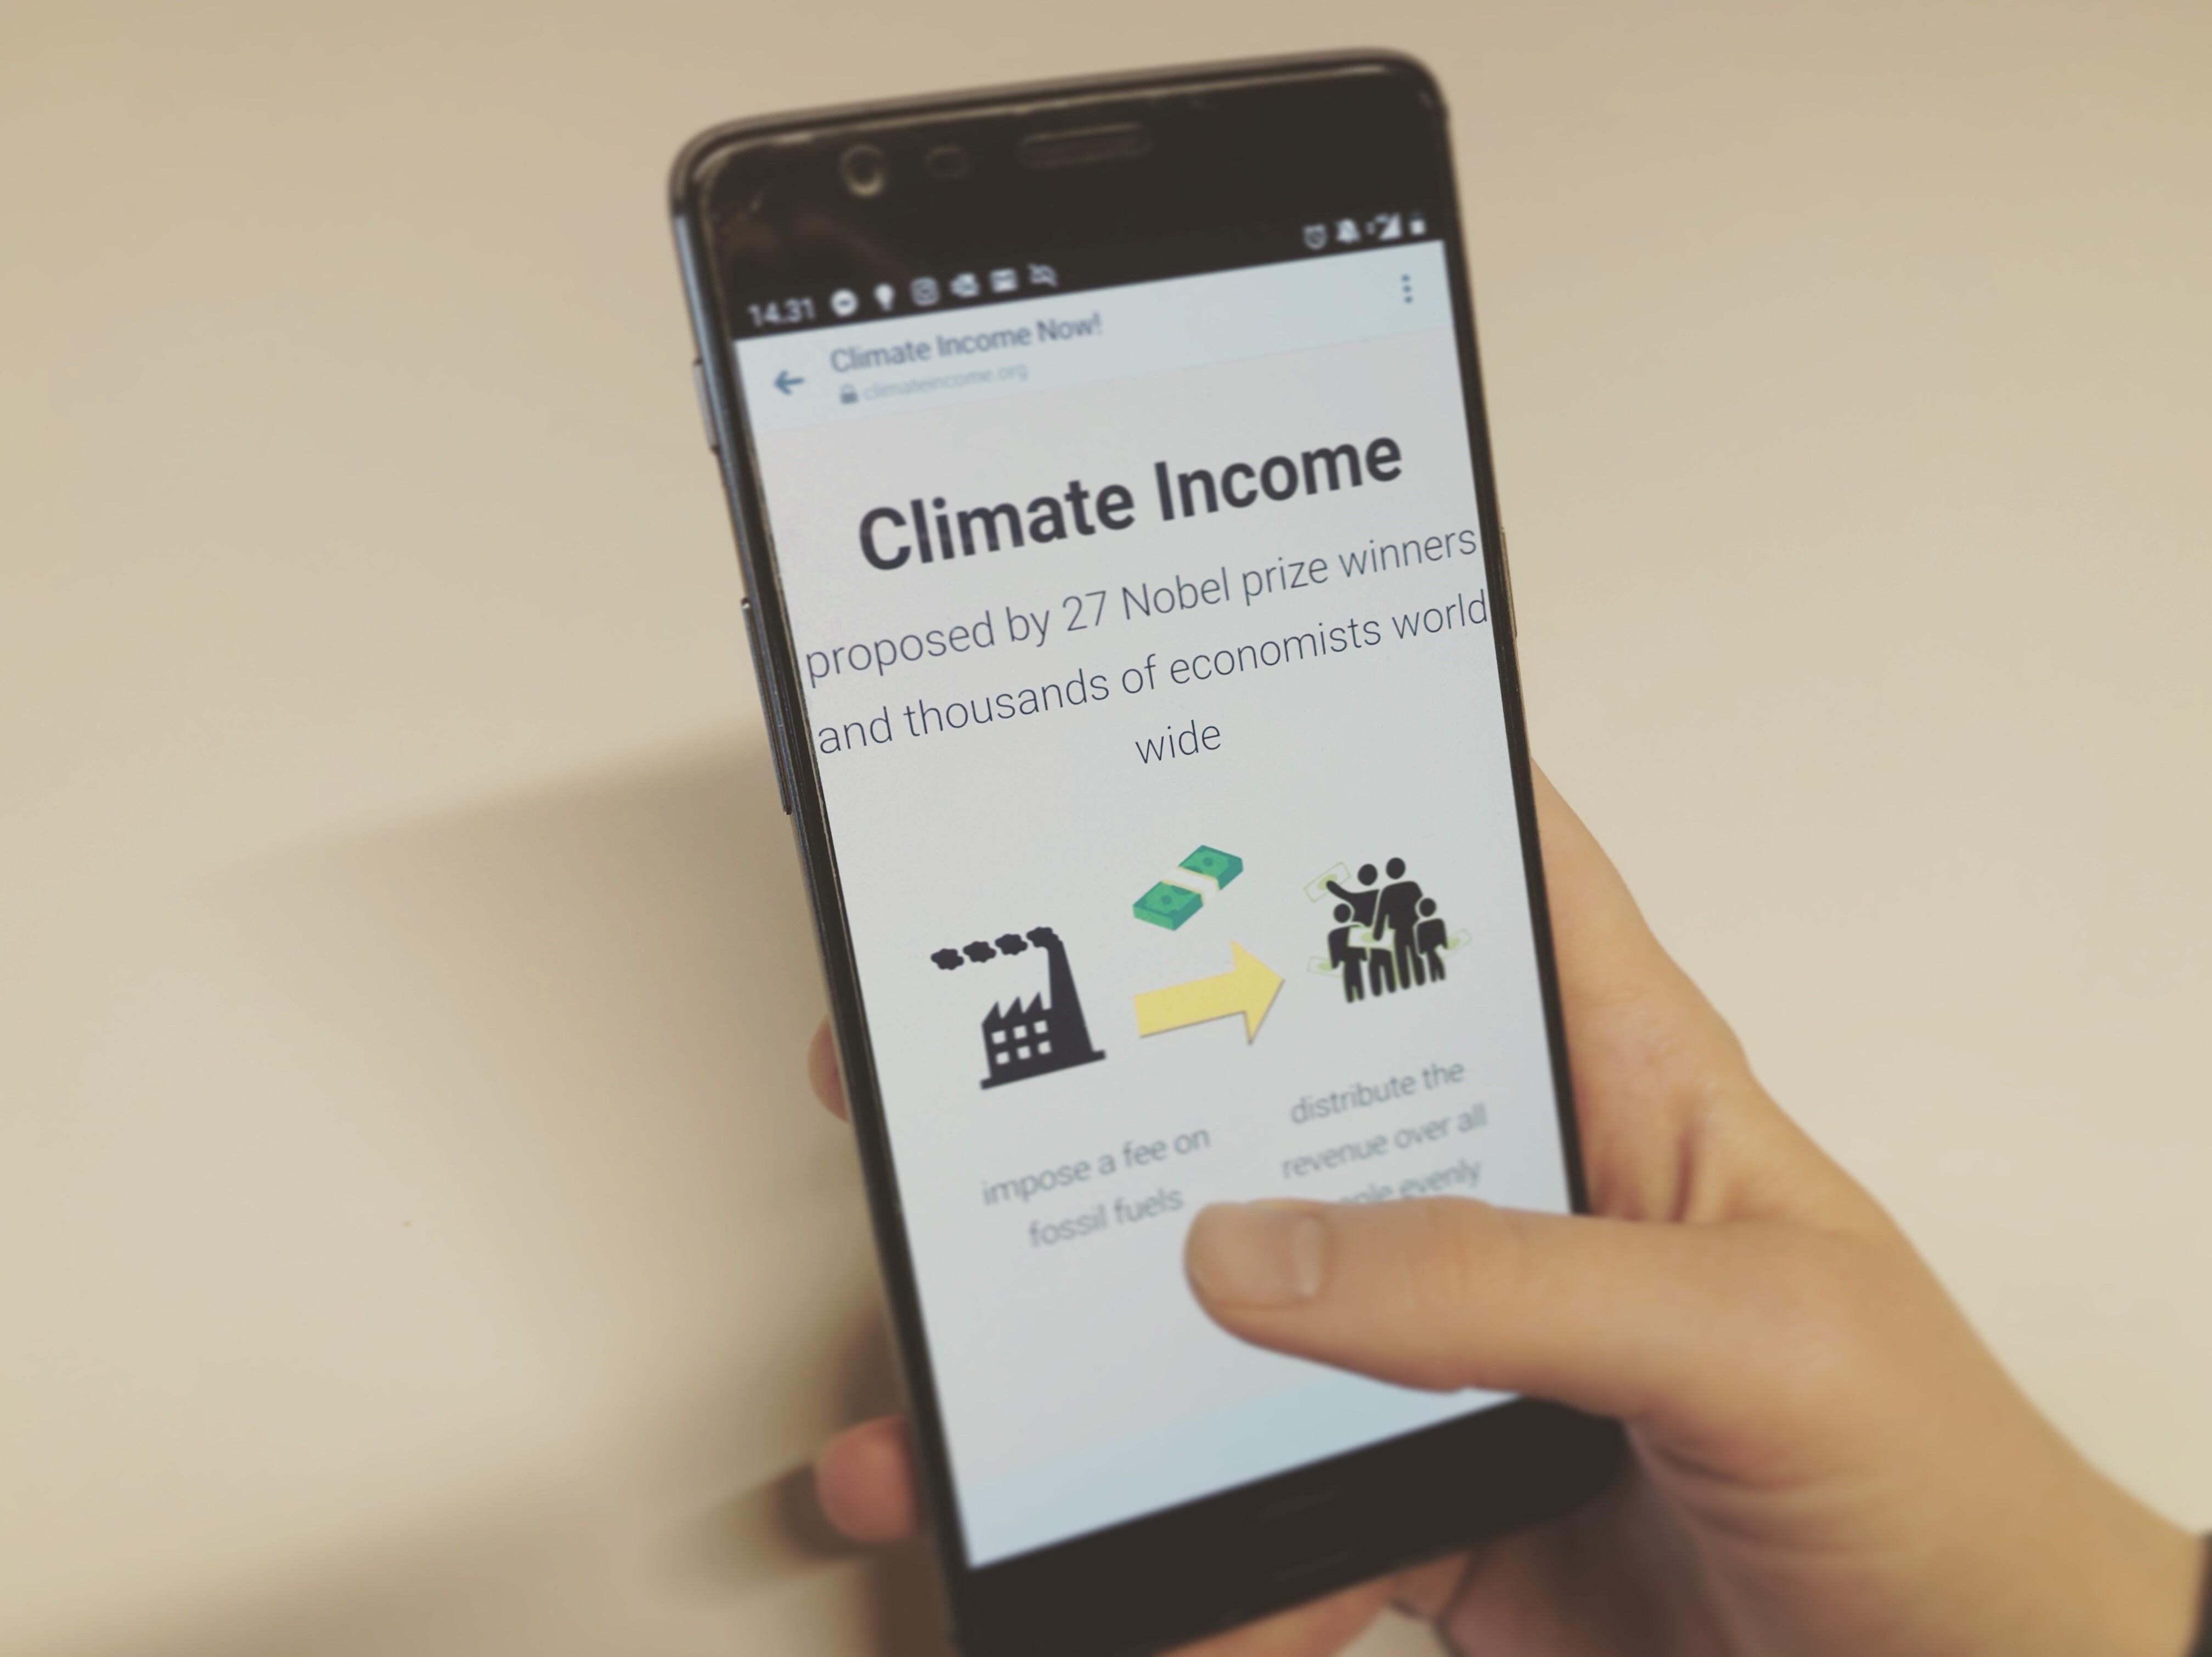 DN støtter europæisk forslag om fair klimaafgift